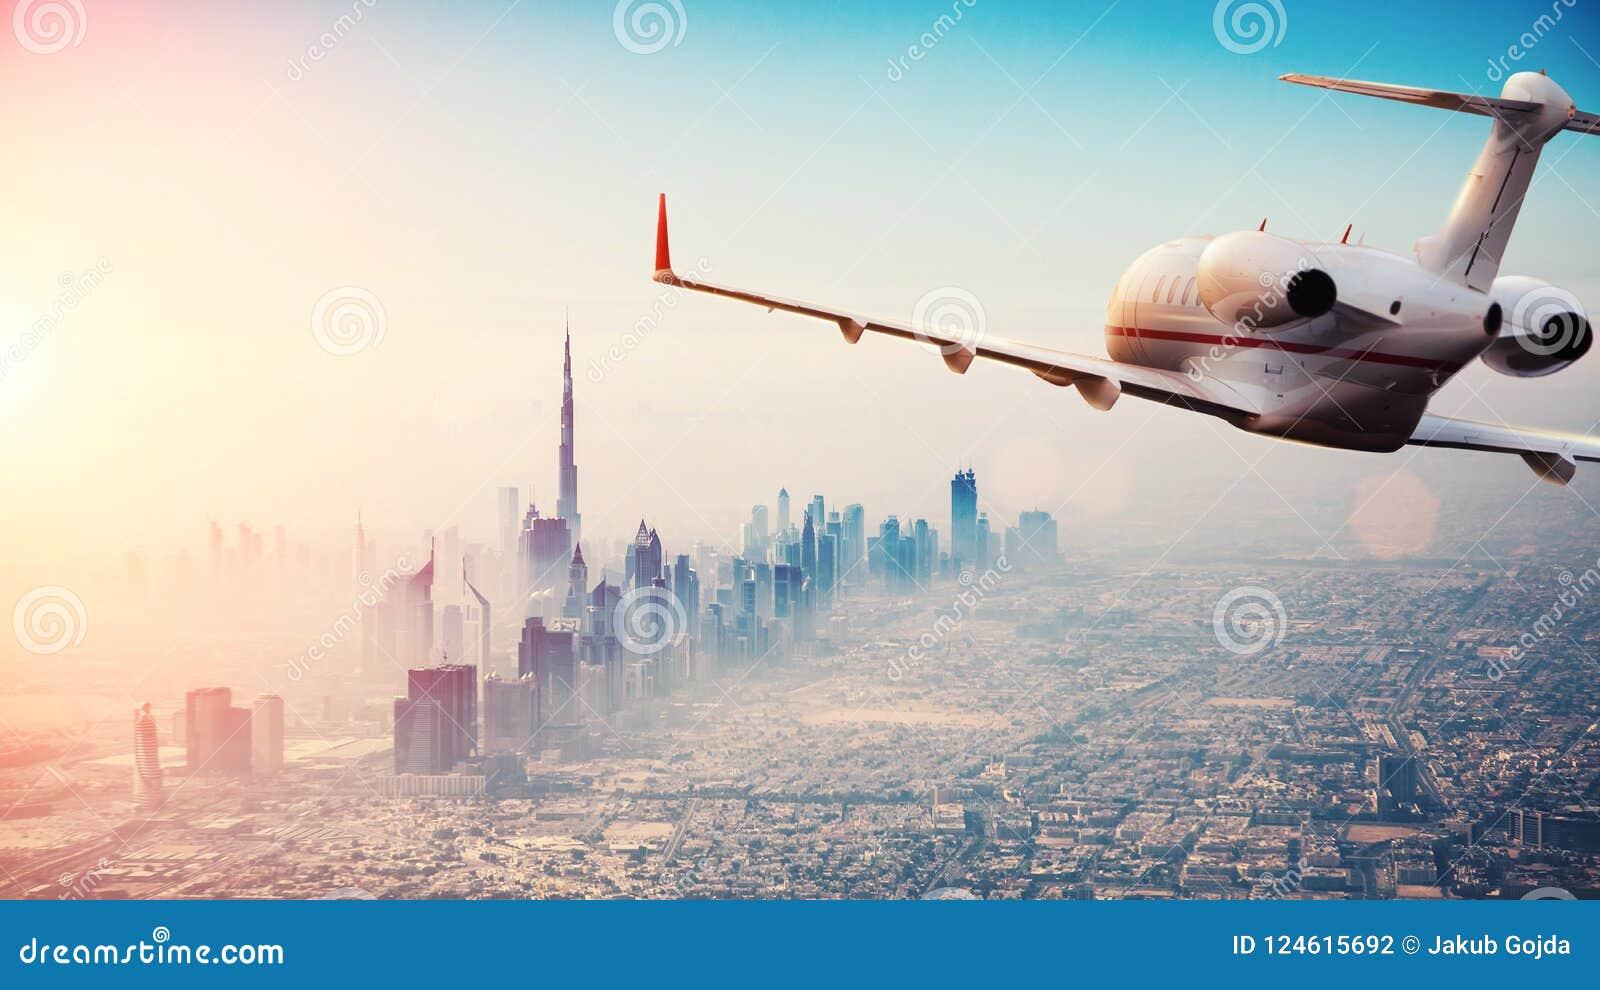 私人喷气式飞机在迪拜市上的飞机飞行美丽的日落锂的